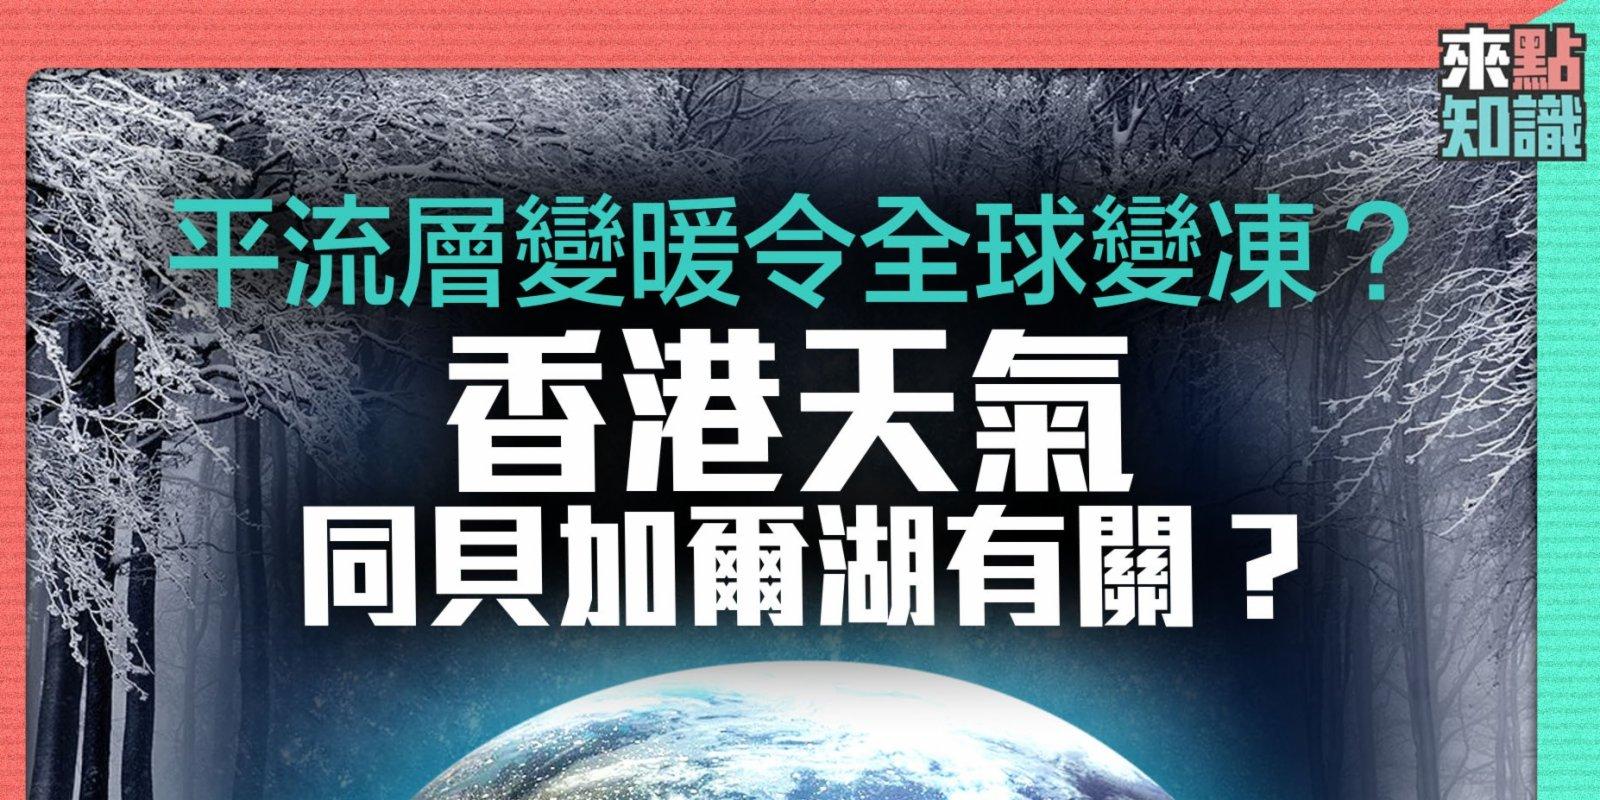 平流層變暖令全球變凍?香港天氣同貝加爾湖有關?【來點知識EP1】